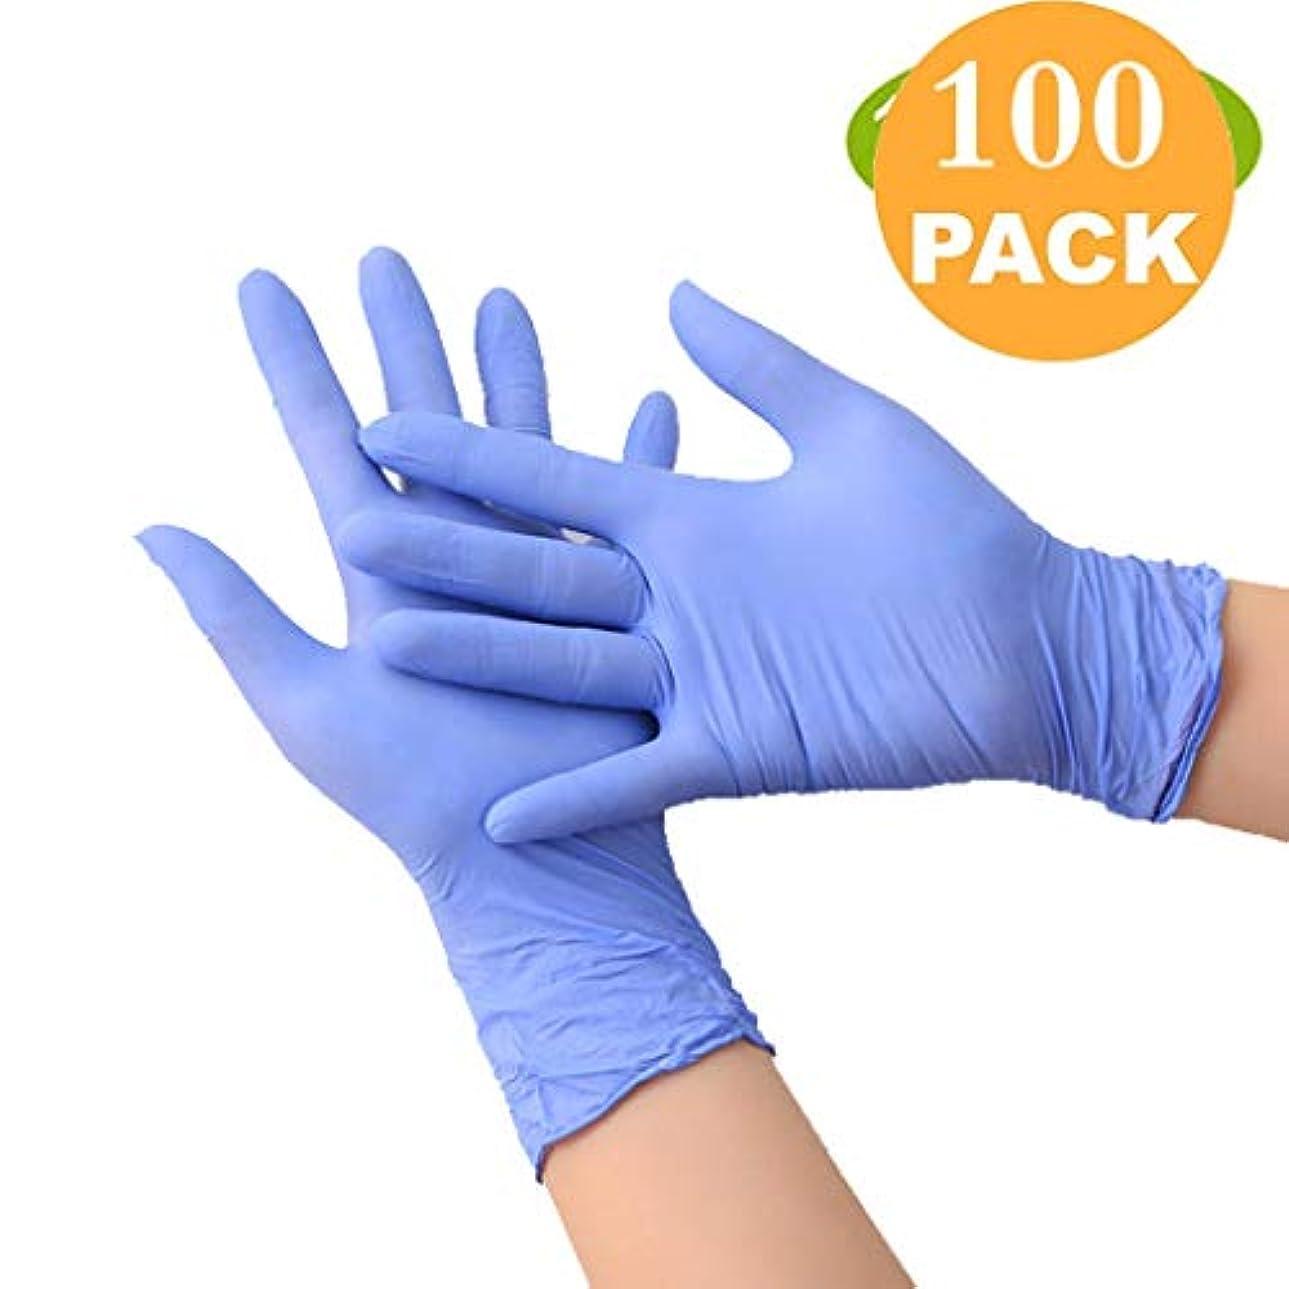 エミュレーション歯科医活気づくニトリル使い捨てパウダーフリー耐酸クリーン美容ネイルサロン油と酸耐性-100パーボックス (Color : Blue, Size : S)